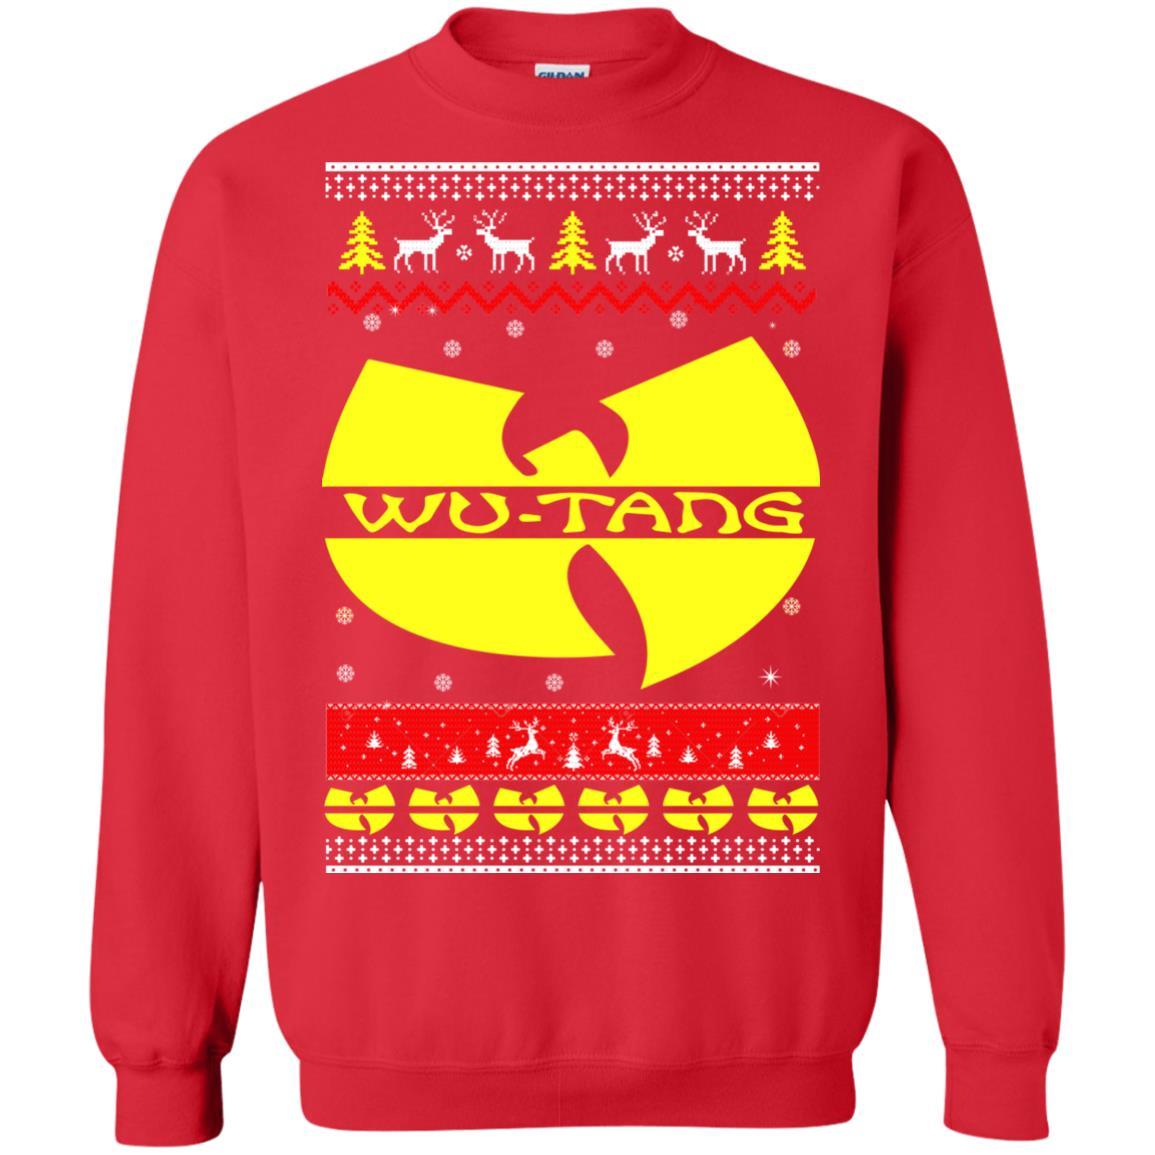 image 1178 - Wu Tang Christmas Sweater, Ugly Sweatshirt